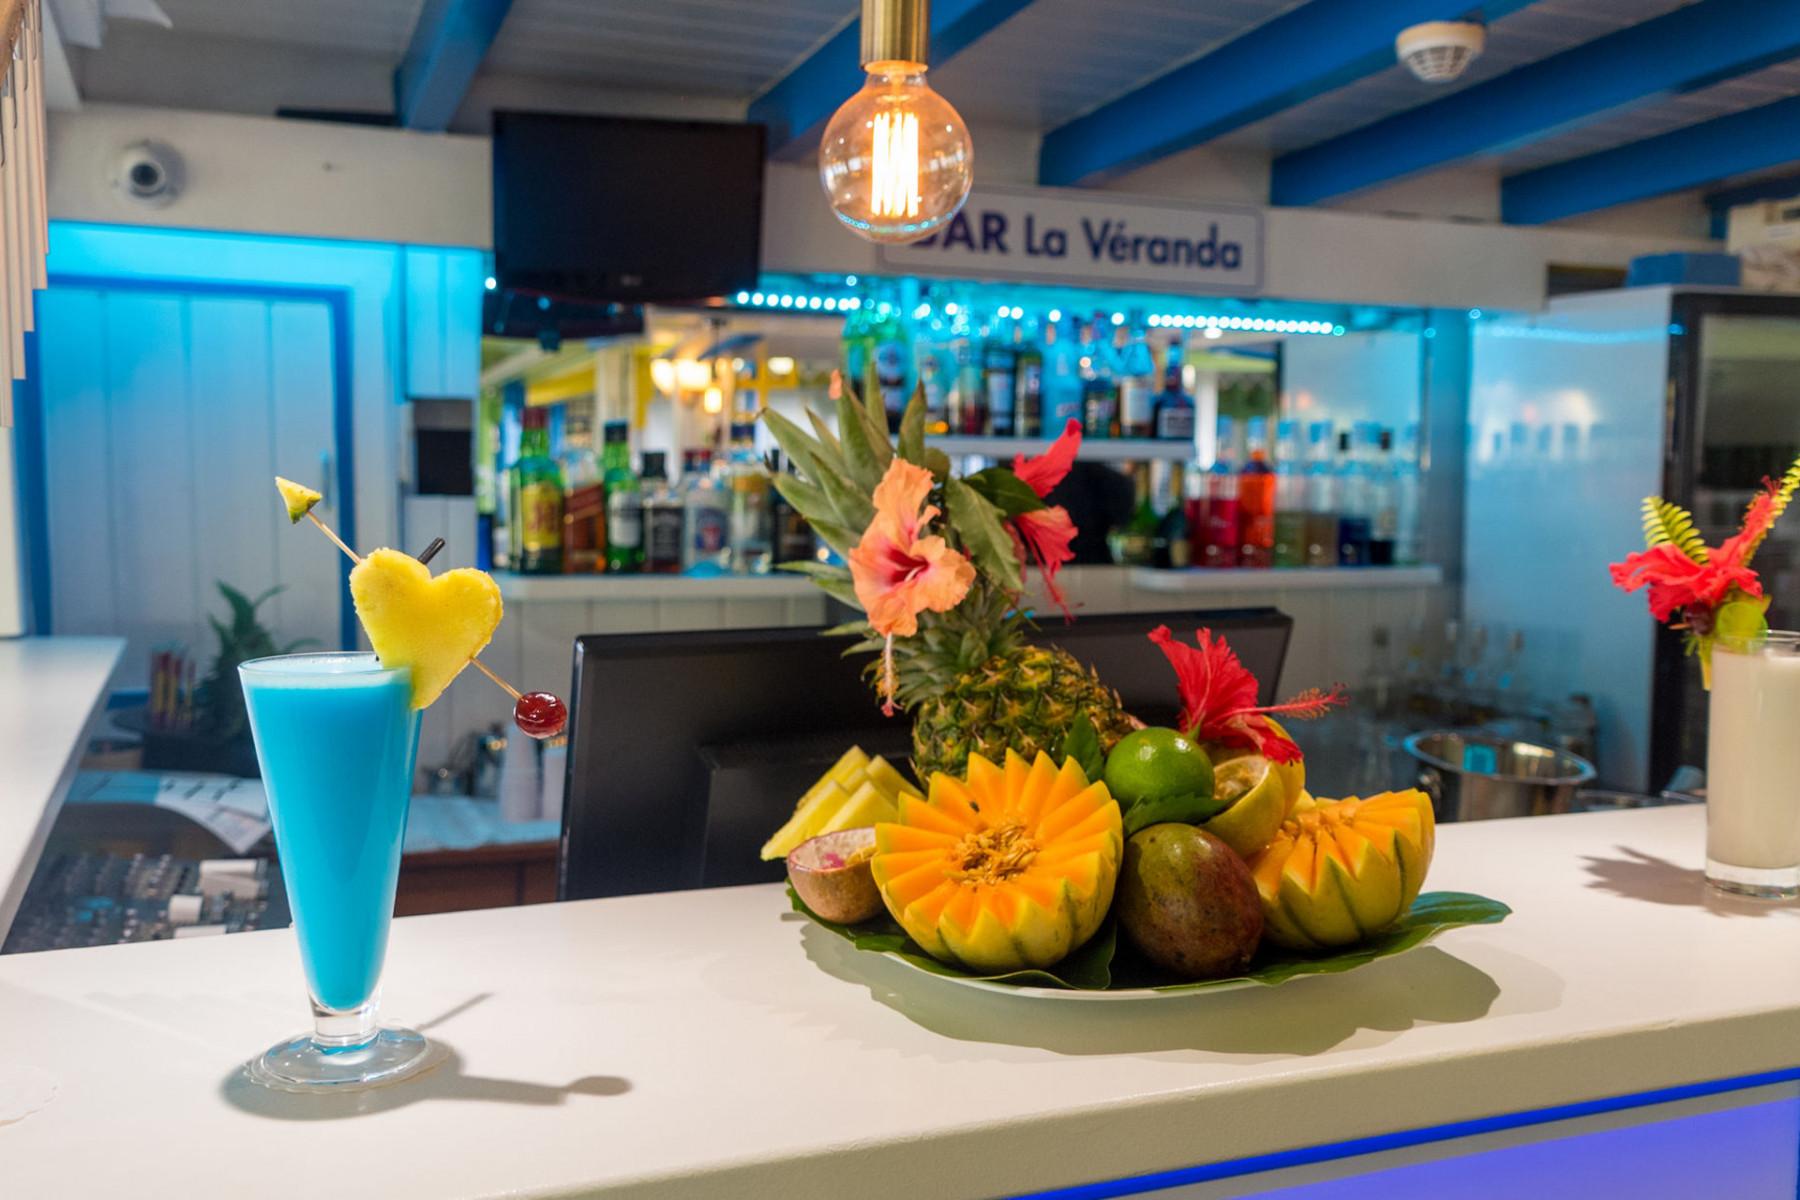 SEJOUR HOTEL GUADELOUPE CANELLA BEACH 3*